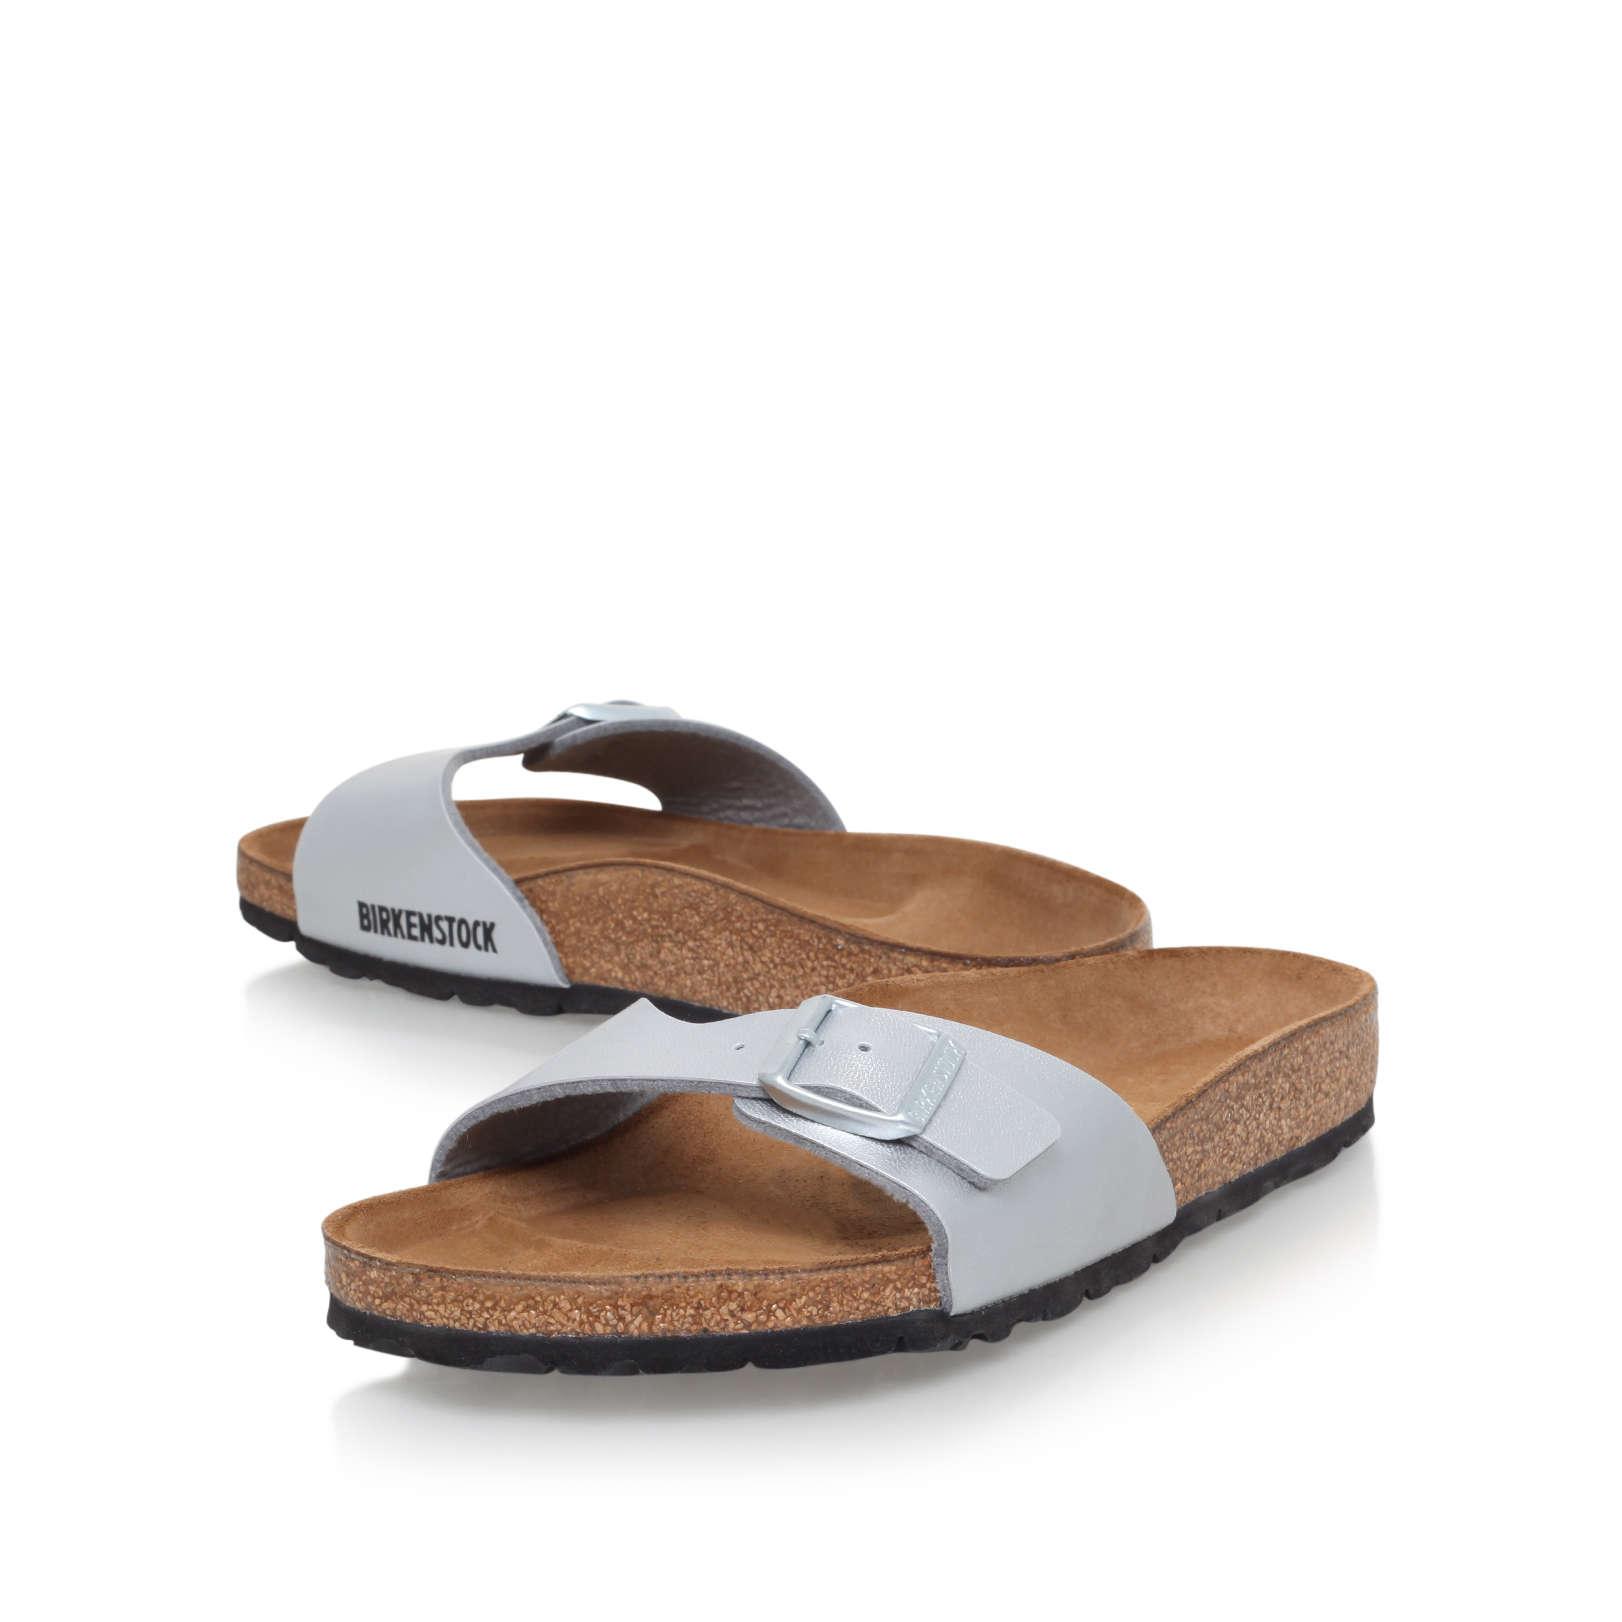 madrid birkenstock madrid silver flat sandals by birkenstock. Black Bedroom Furniture Sets. Home Design Ideas